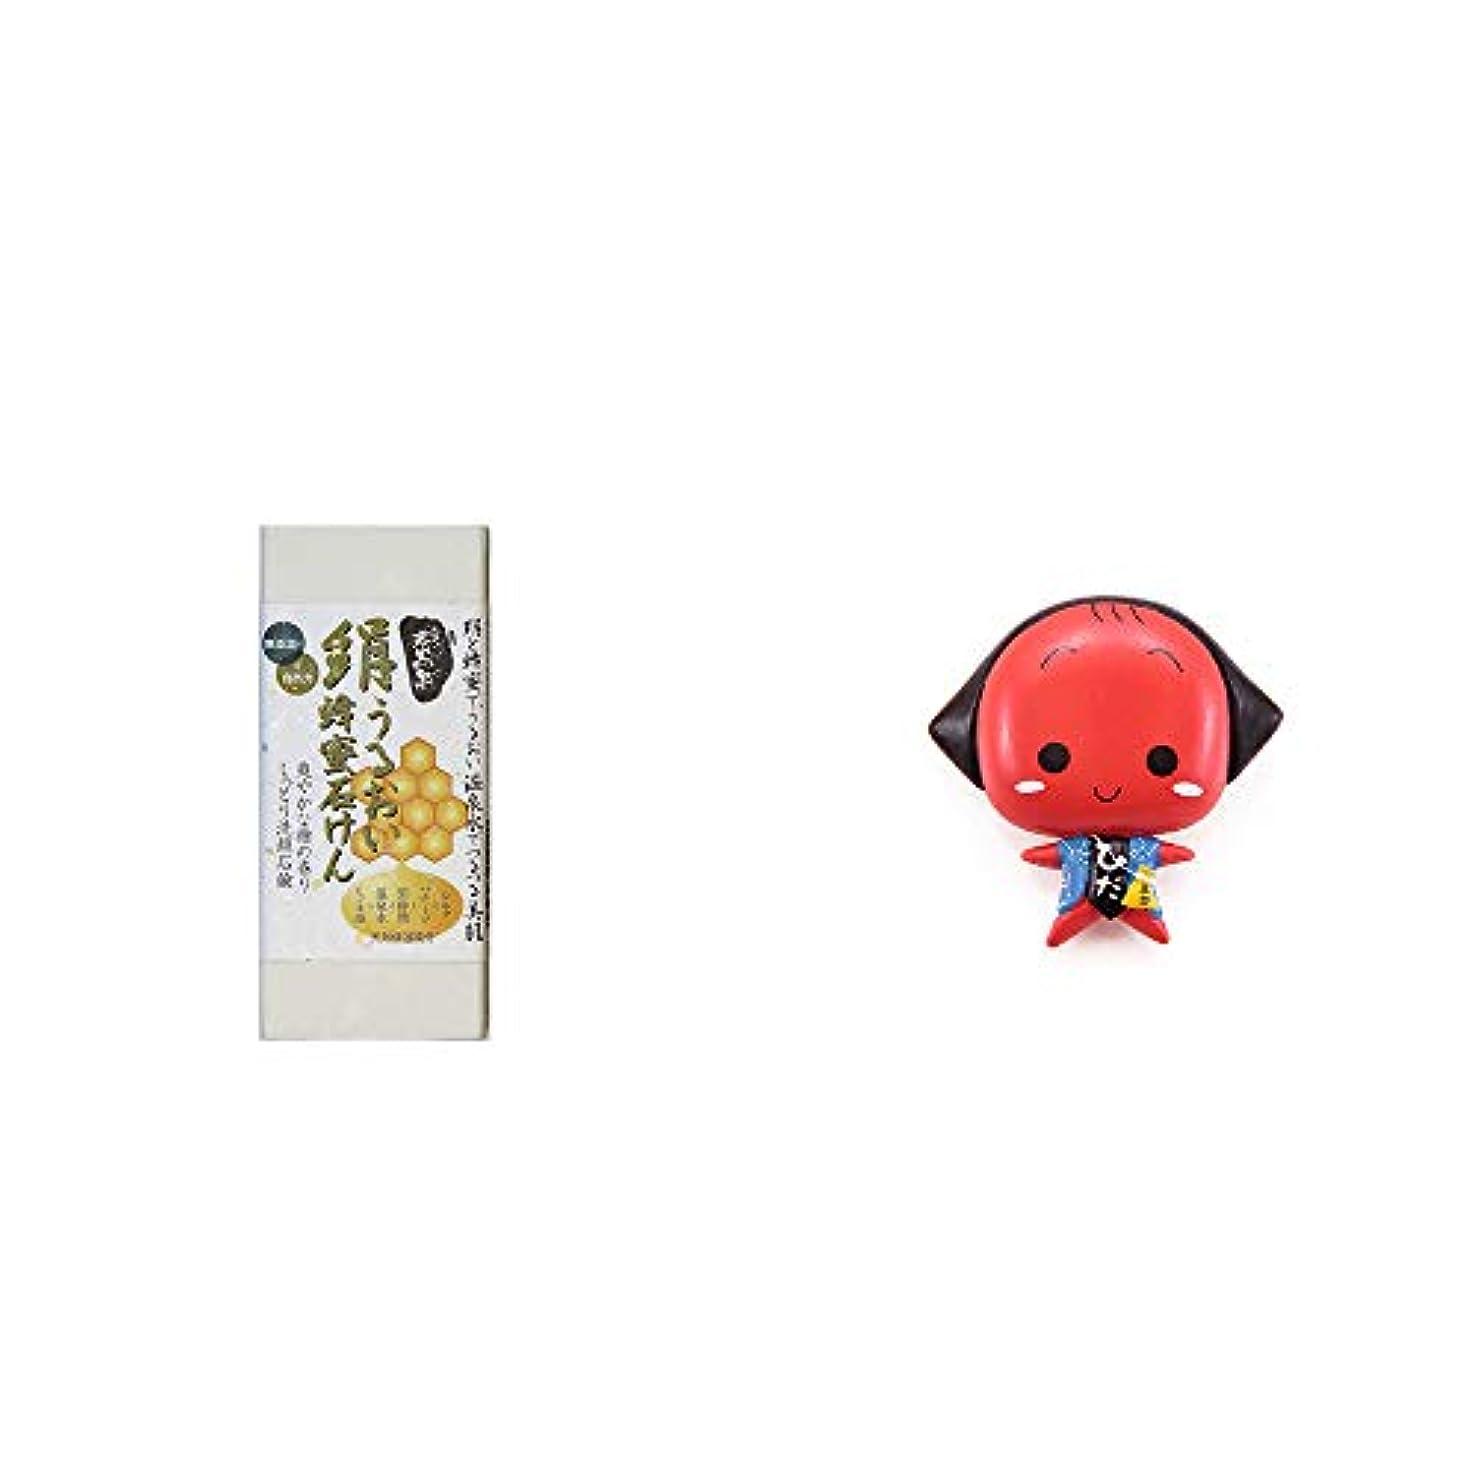 費やすワーカースラッシュ[2点セット] ひのき炭黒泉 絹うるおい蜂蜜石けん(75g×2)?さるぼぼ アニメ顔 マグネット